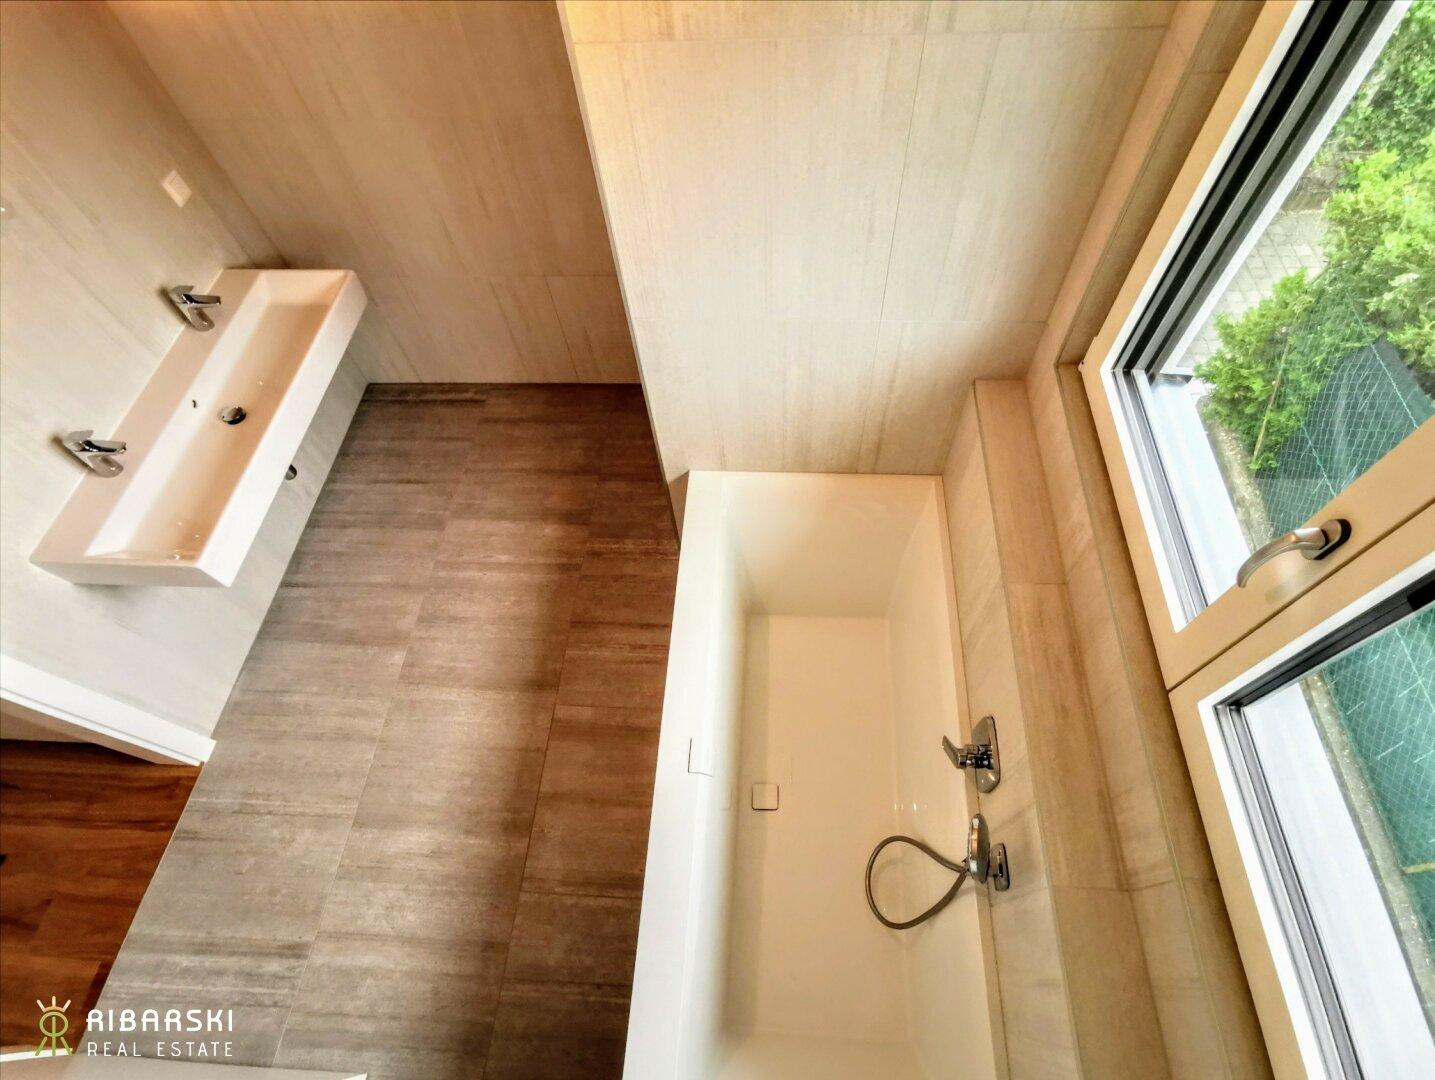 Badezimmer Vogelperspektive - Musterbild